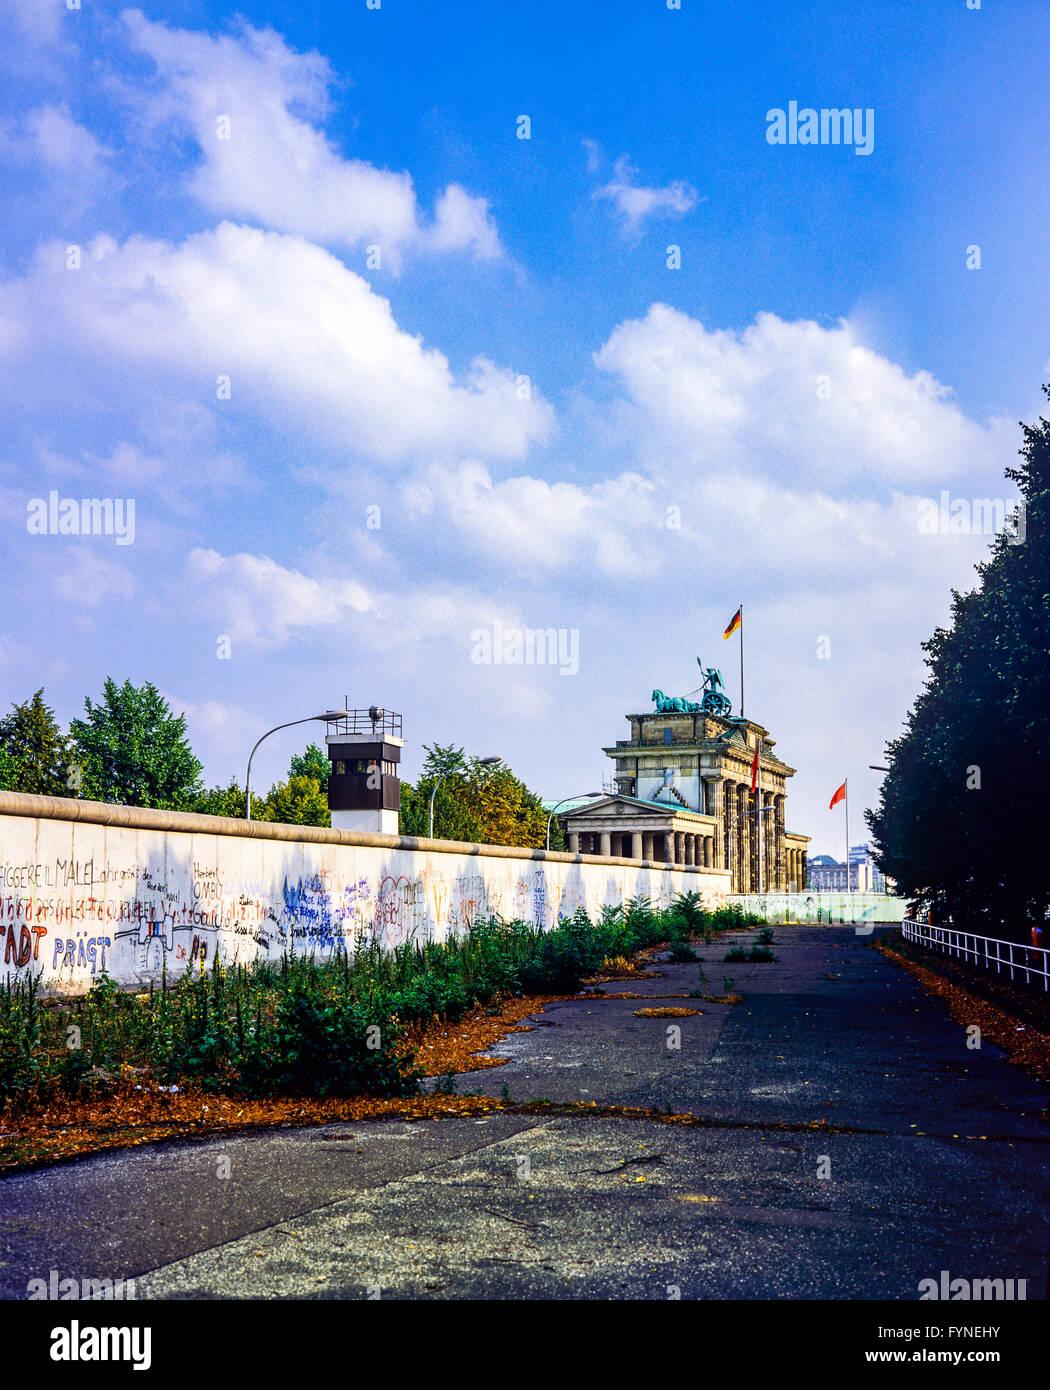 Agosto 1986, il muro di Berlino e la torre di avvistamento East-Berlin accanto alla Porta di Brandeburgo a Berlino Immagini Stock